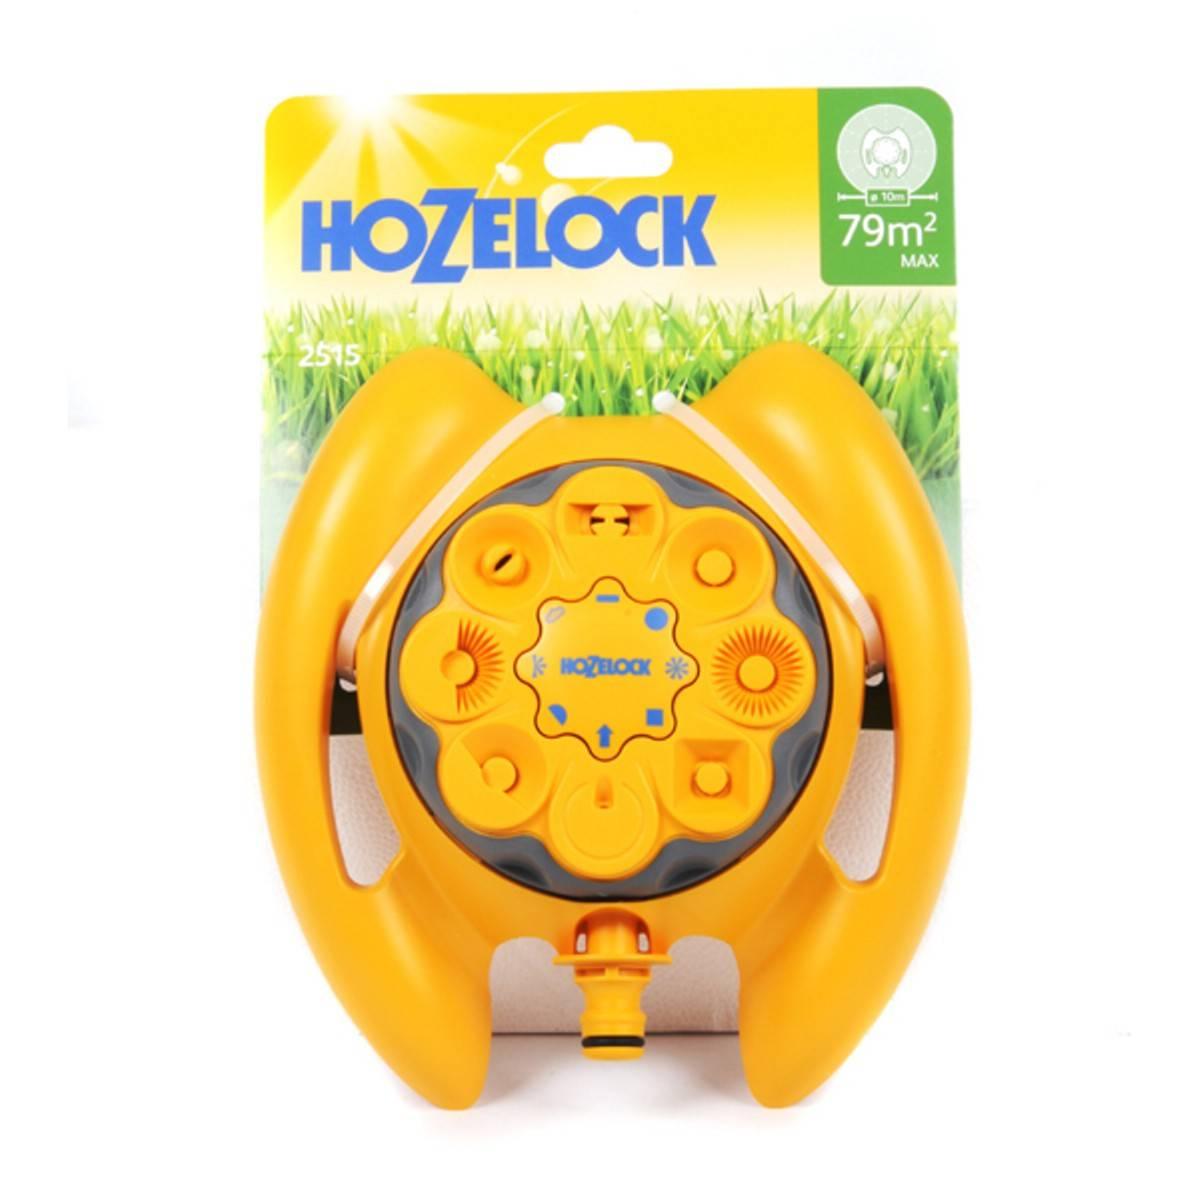 Hozelock Multi Sprinkler 79 Sq m (2515)